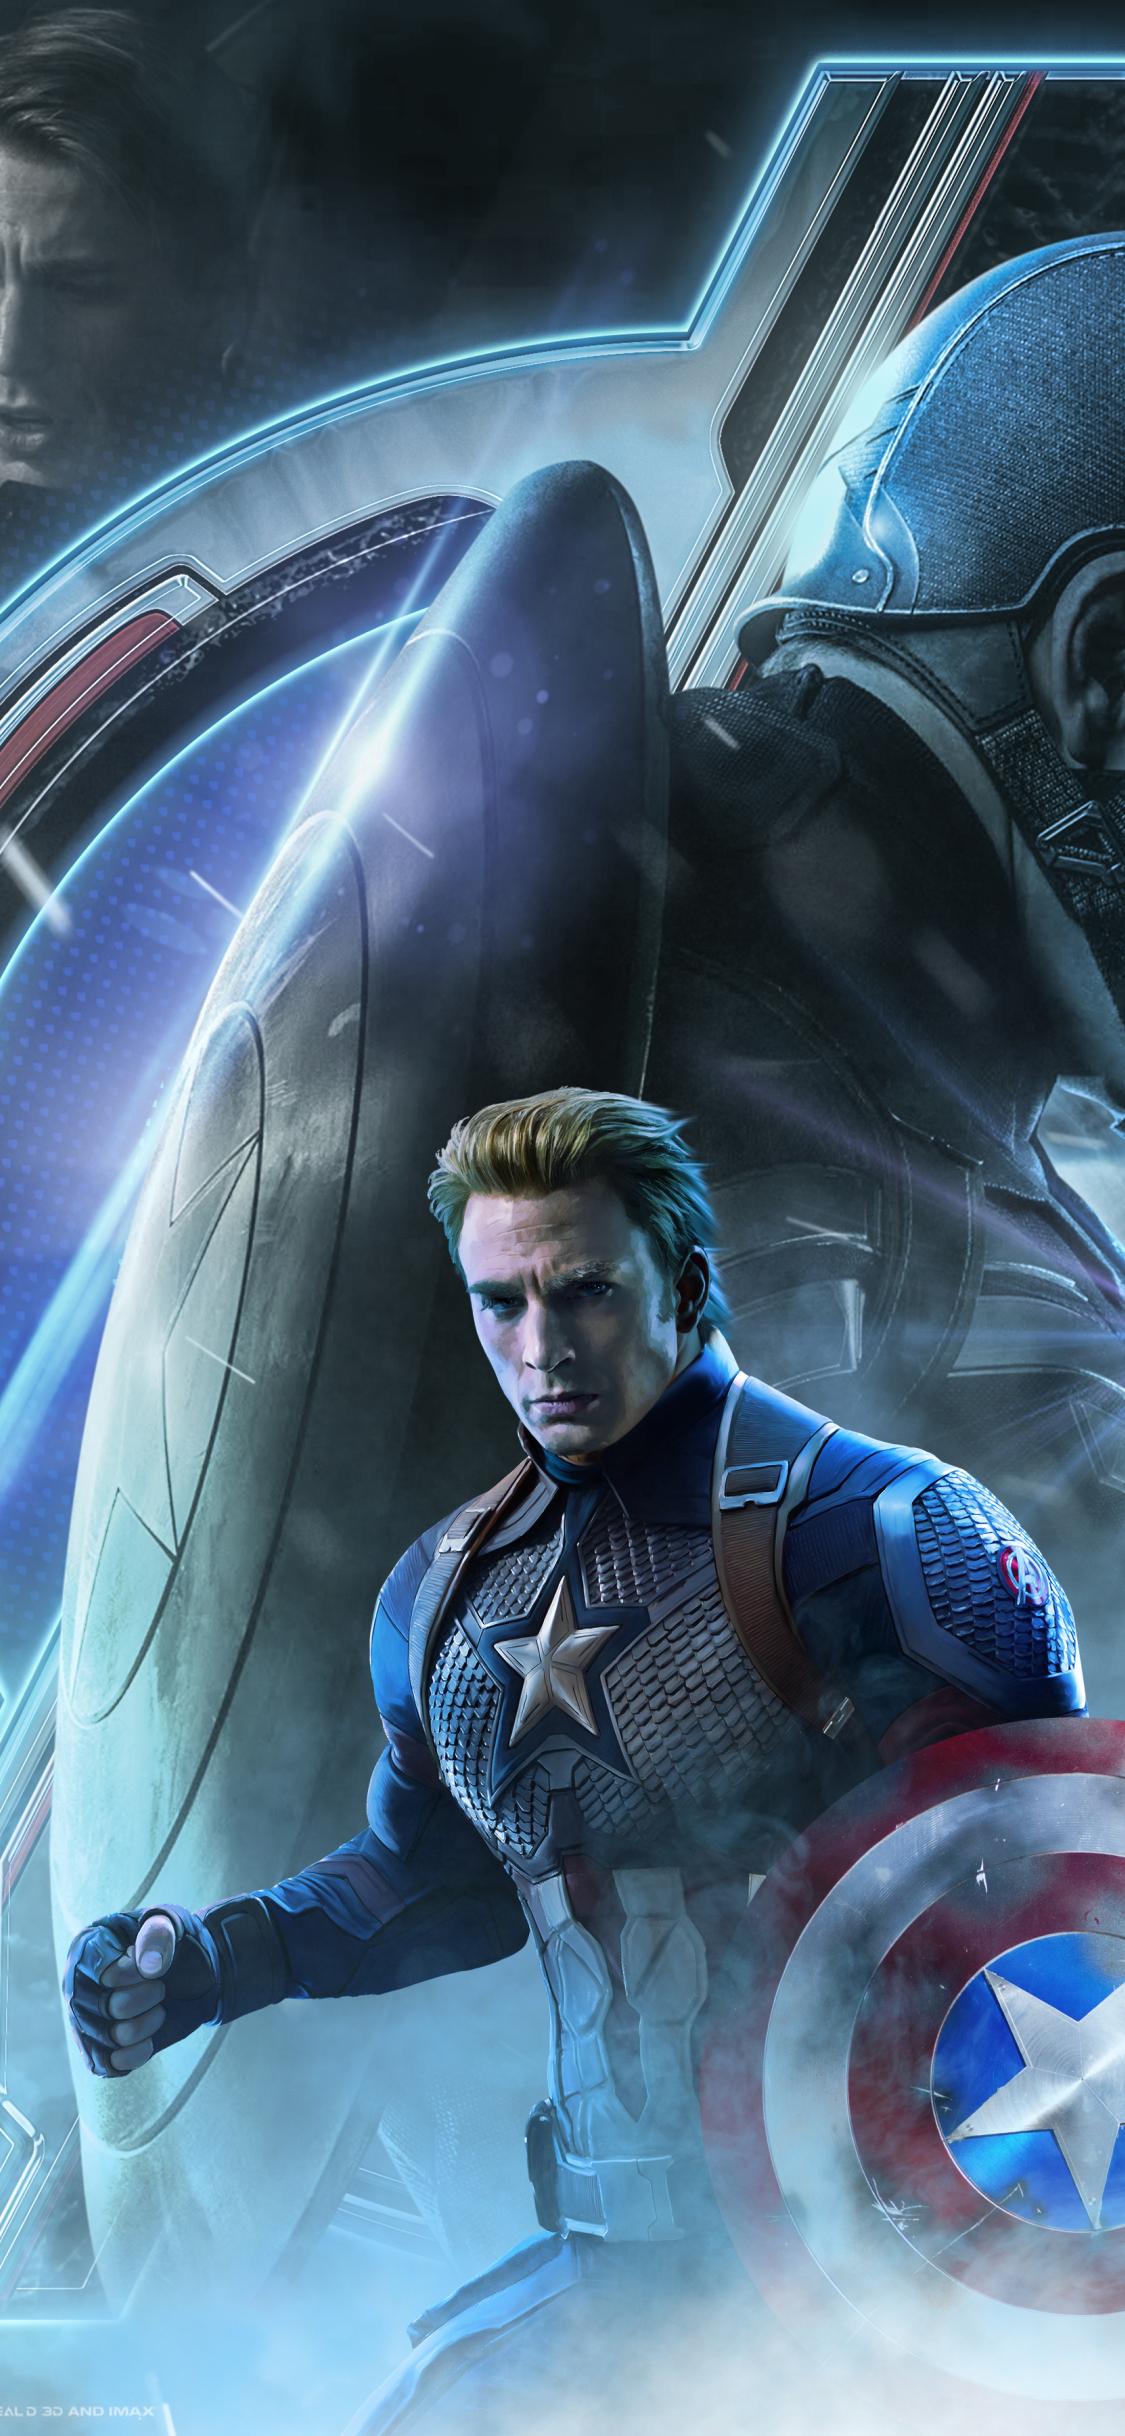 1125x2436 Avengers Endgame Captain America Poster Art ...